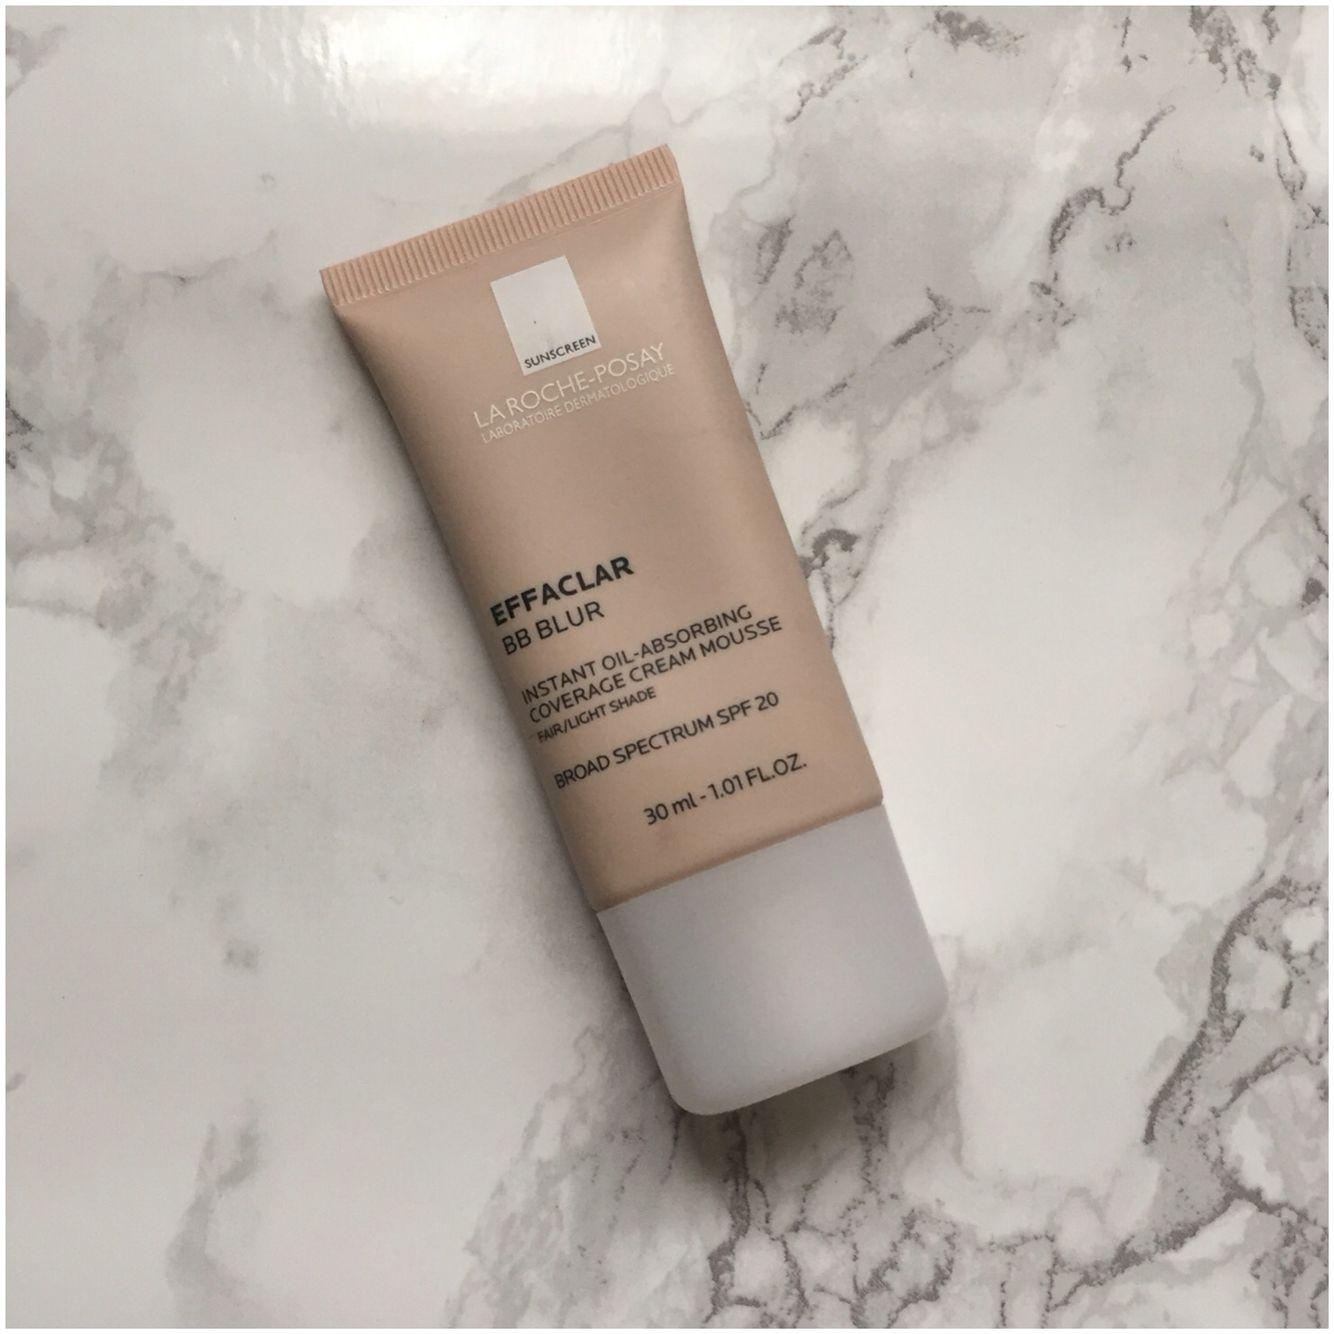 Effaclar BB Cream for Oily Skin by La Roche-Posay #19